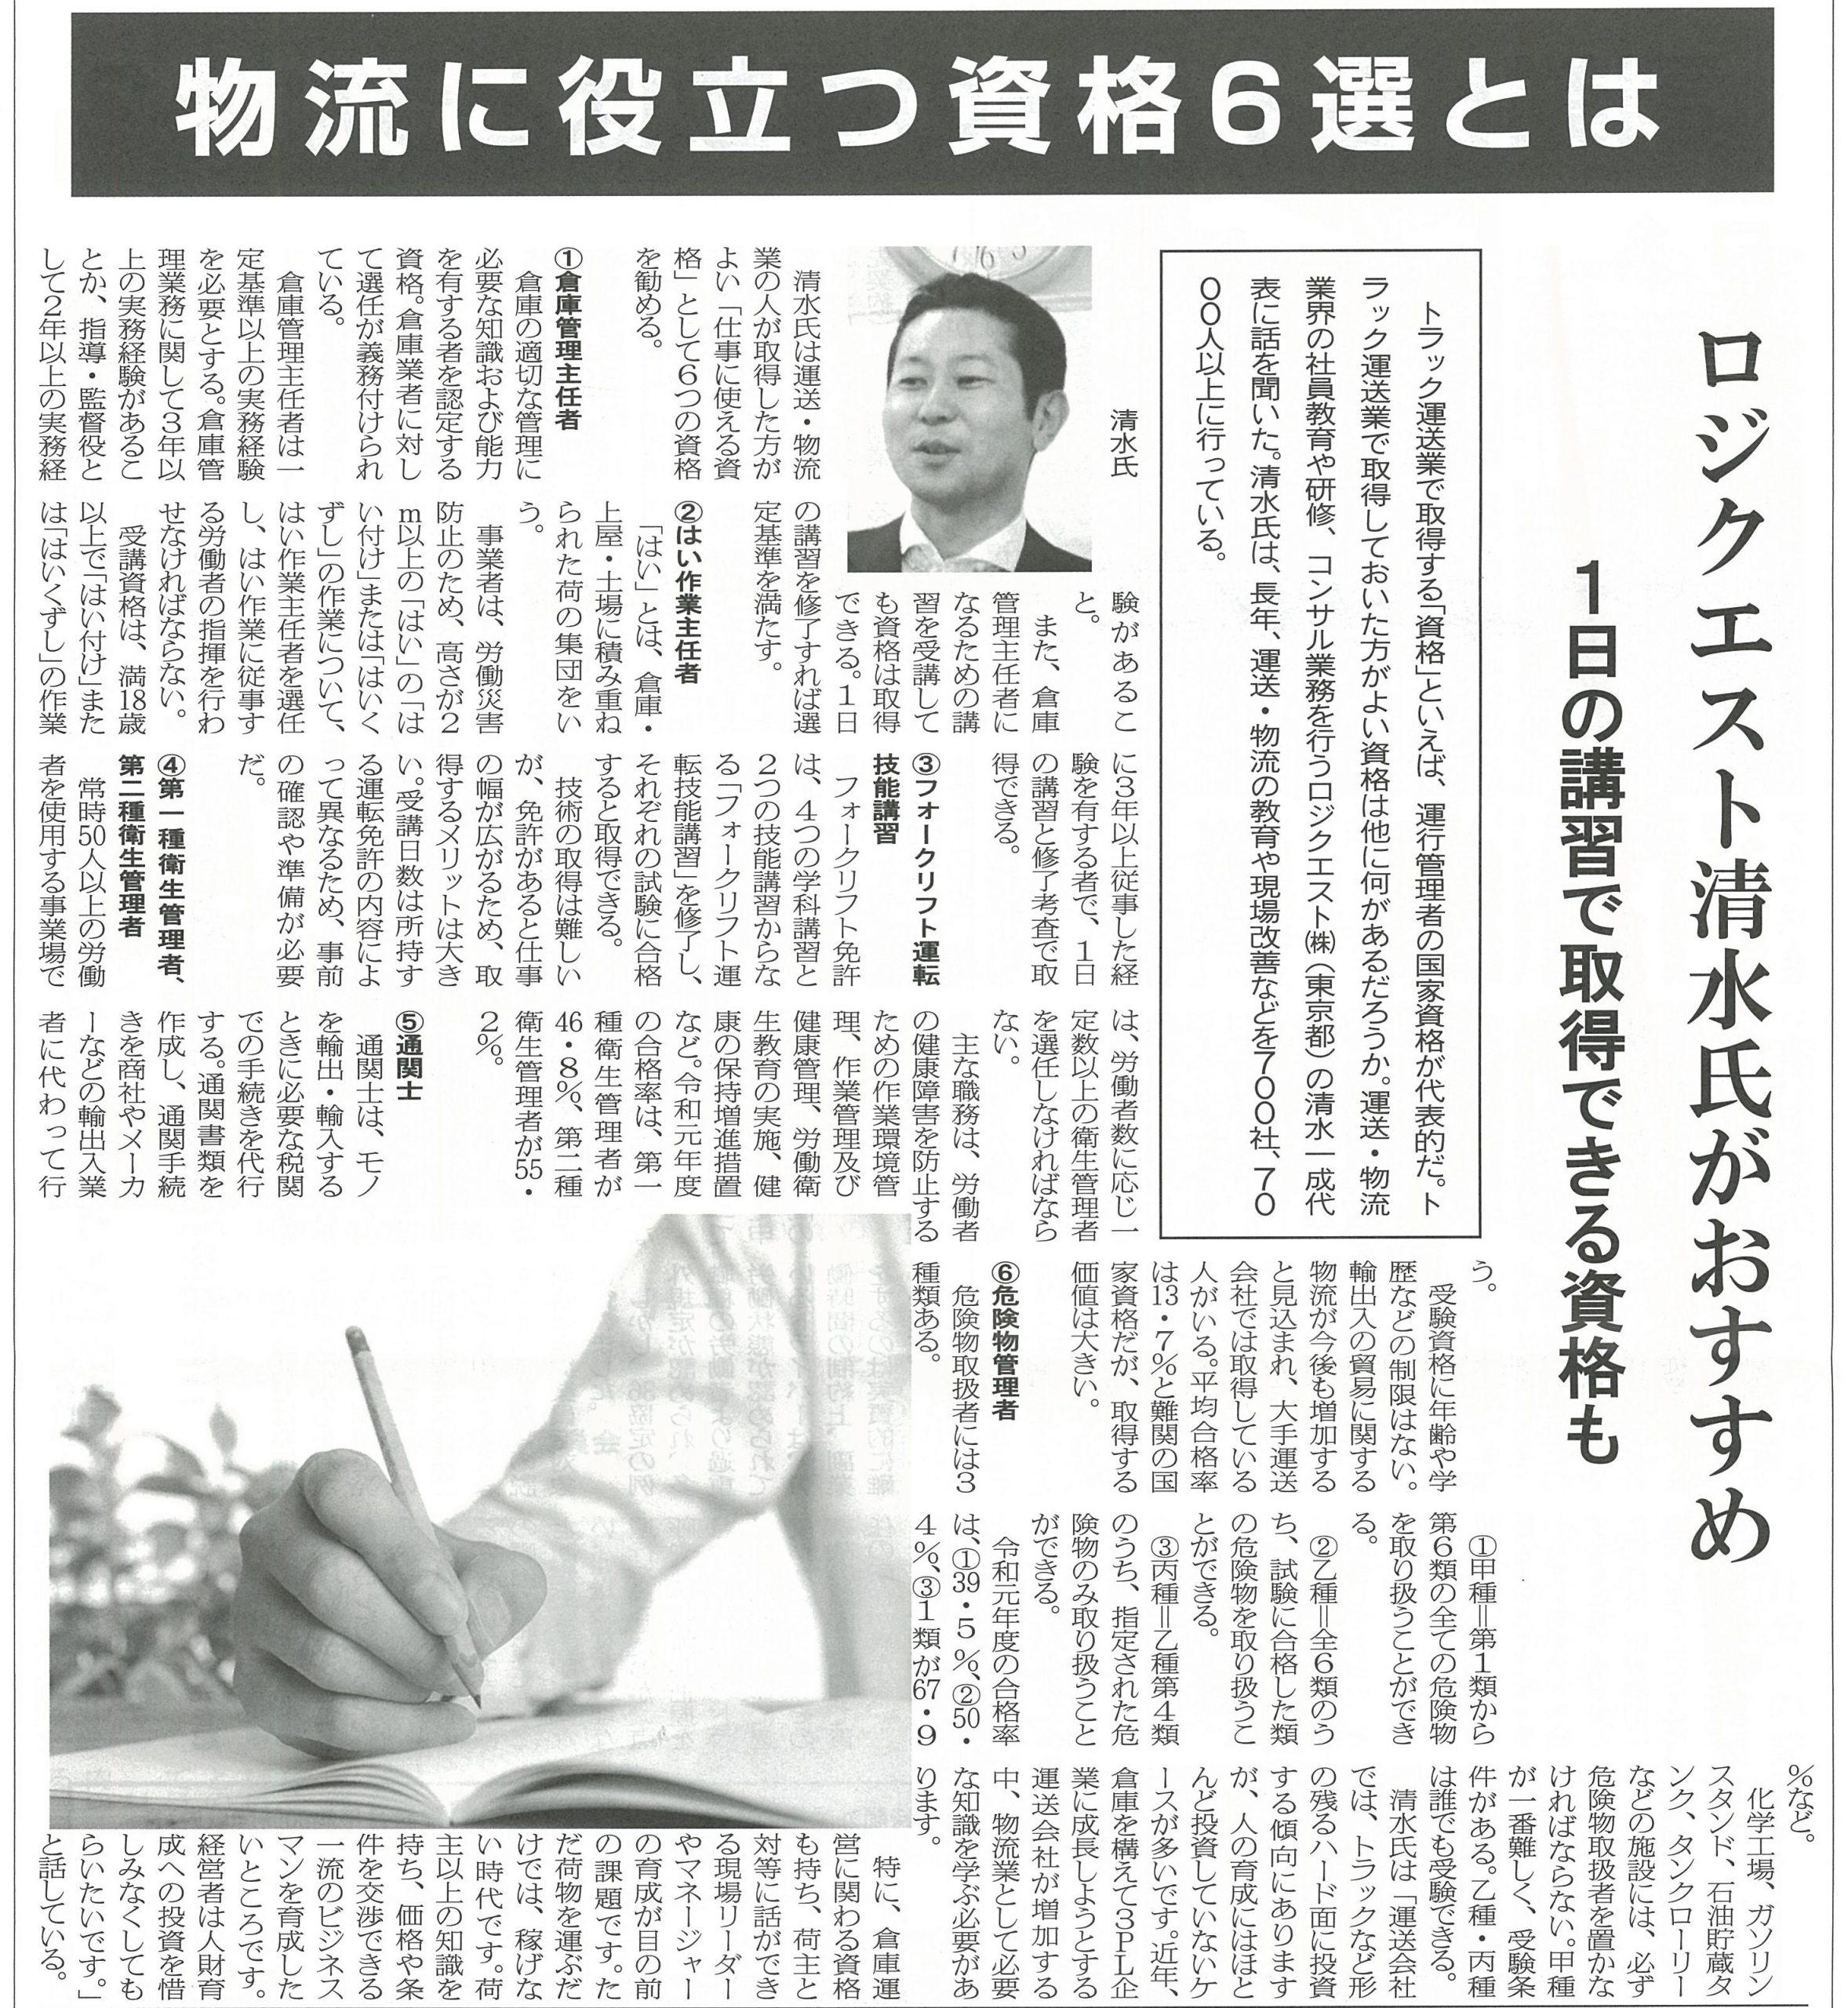 トラック情報社 物流新時代12月7日号掲載「ロジクエスト清水氏がおすすめ 物流に役立つ資格6選とは」